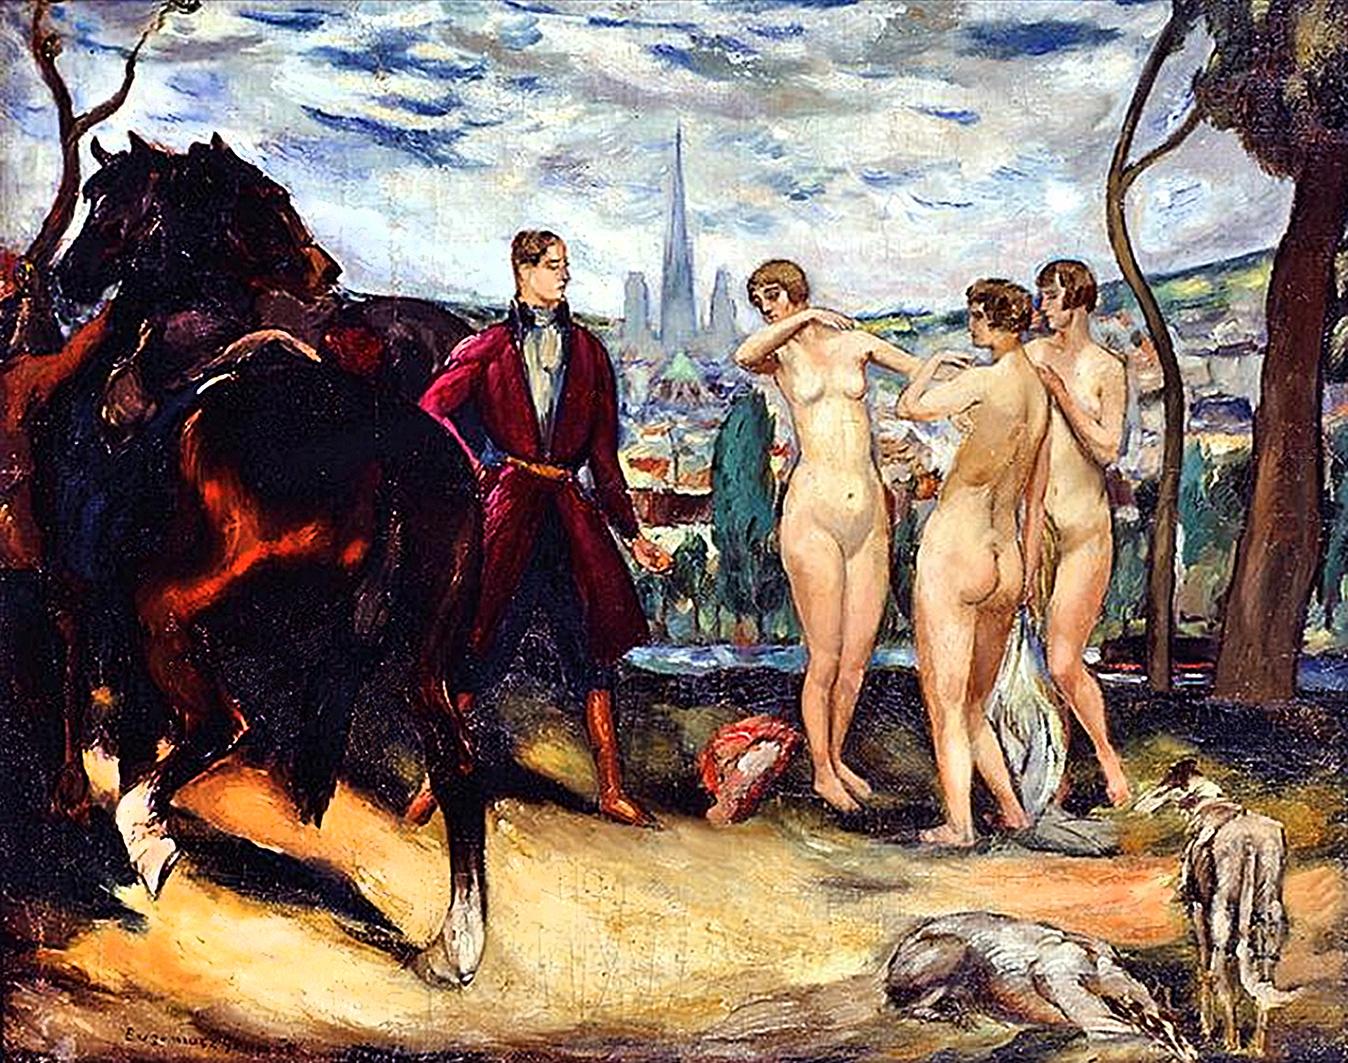 Євген Гепперт. Мисливець та три грації, 1920-ті; полотно, олія